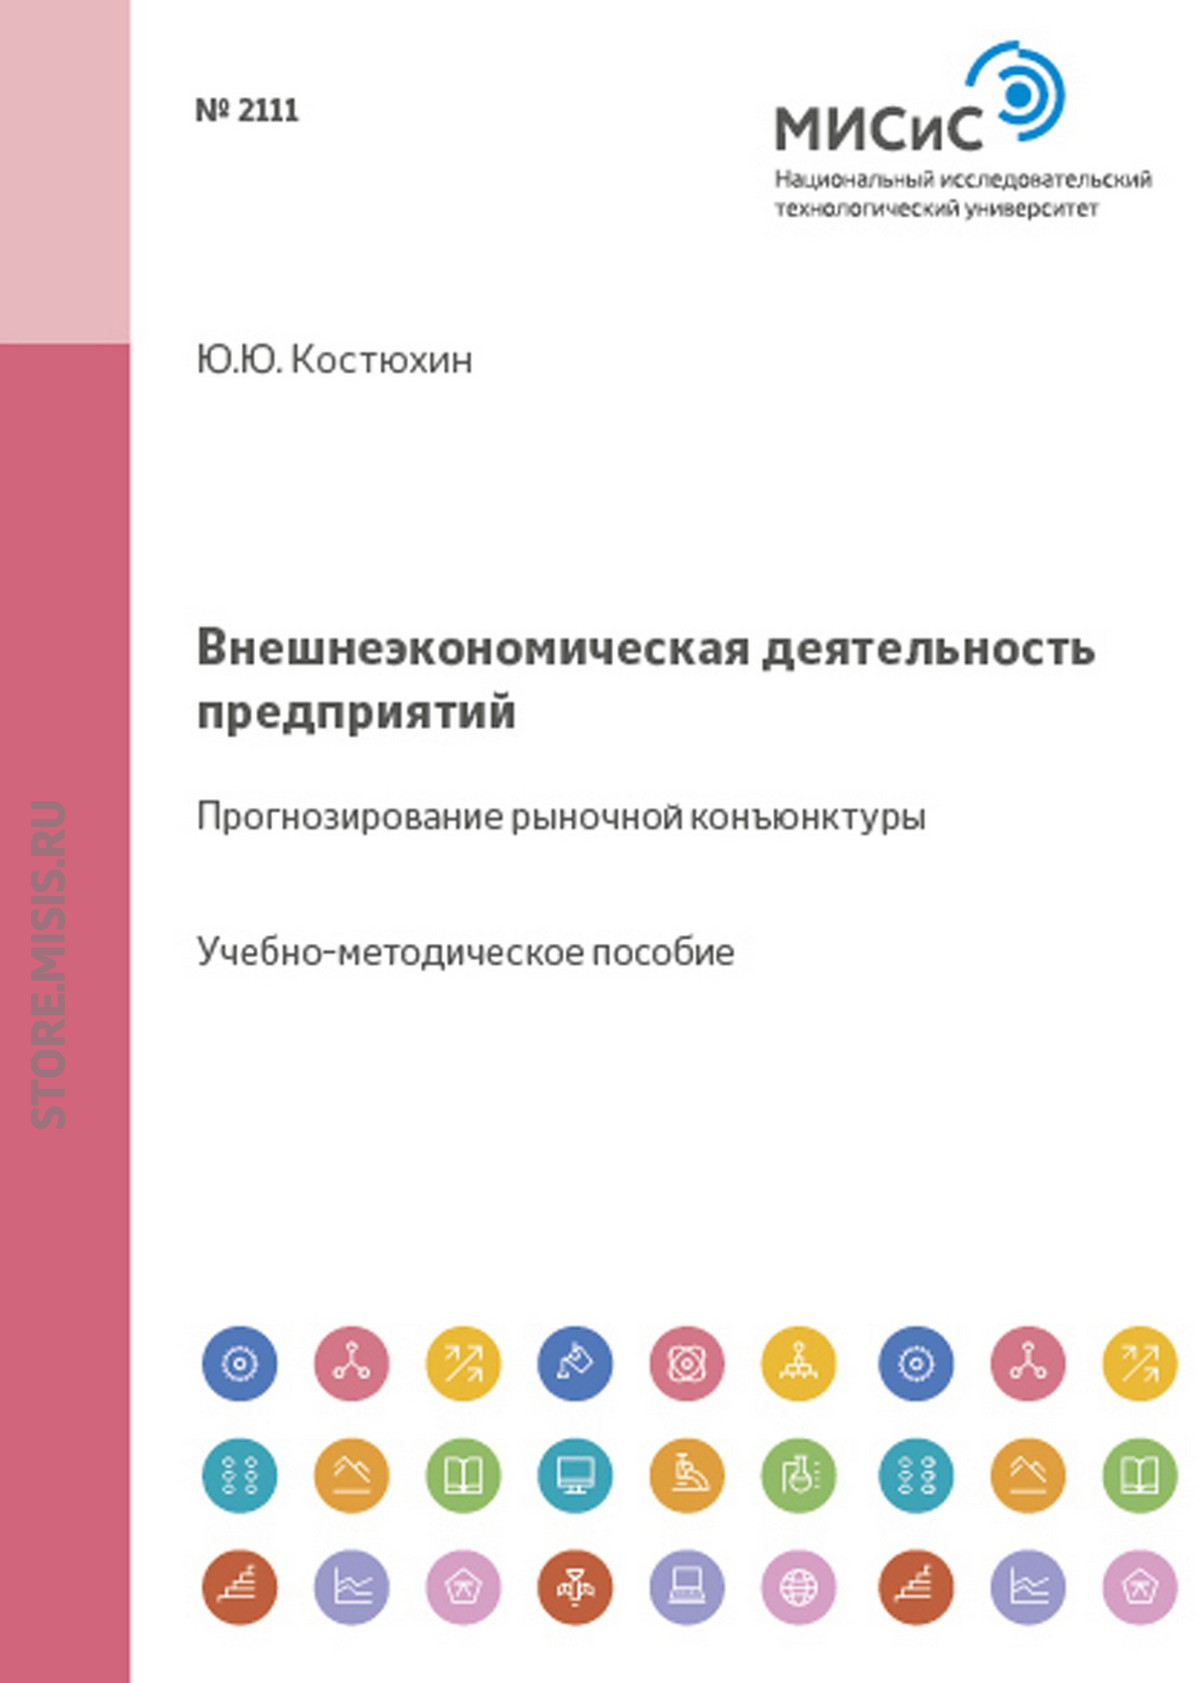 Юрий Юрьевич Костюхин Внешеэкономическая деятельность предприятий. Прогнозирование рыночной конъюнктуры